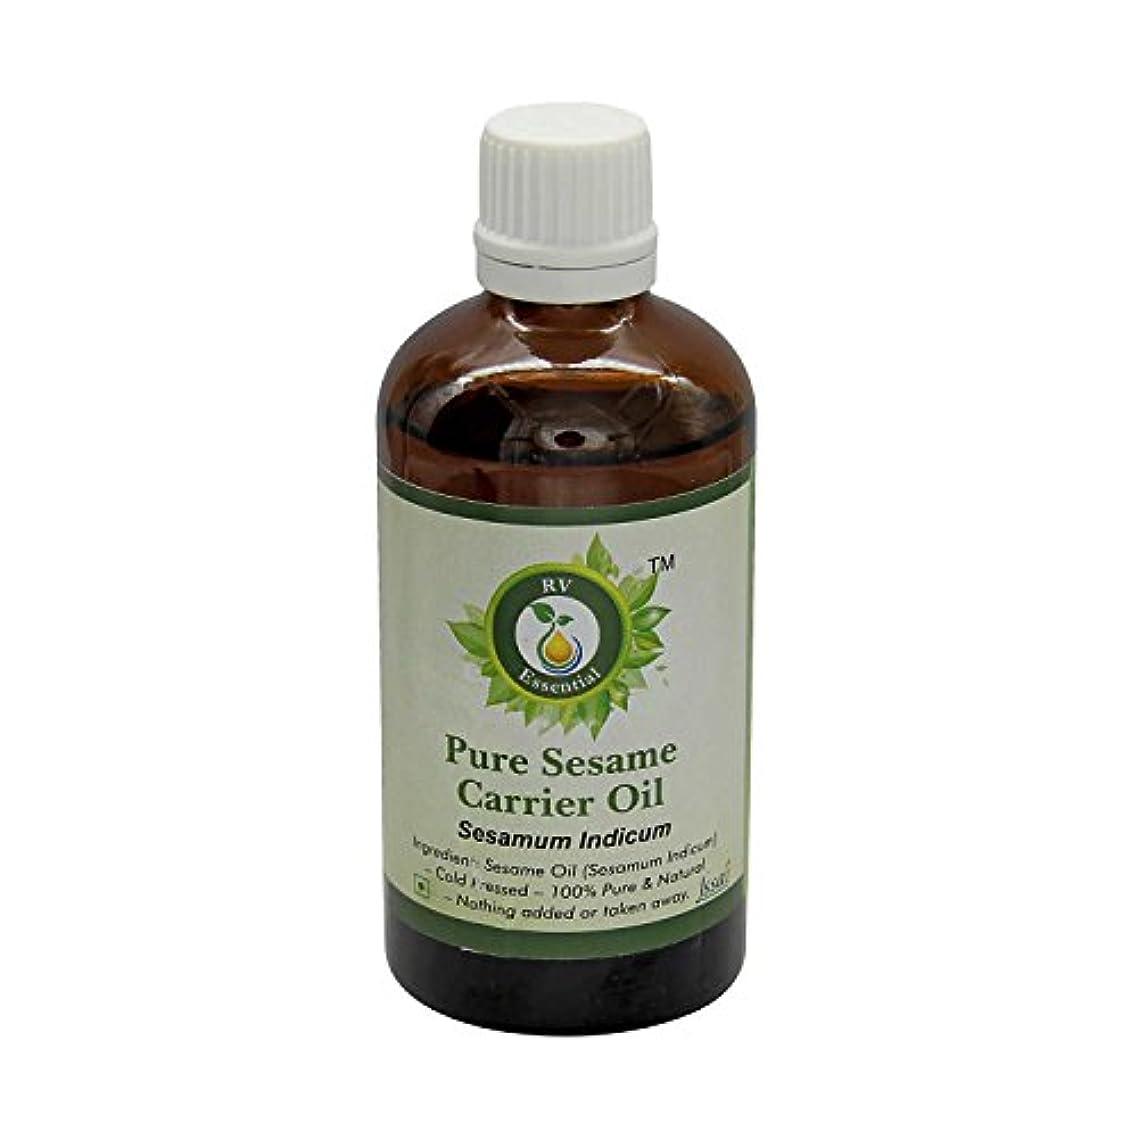 光電寮絶壁R V Essential 純粋なごま油15ml (0.507oz)- Sesamum Indicum (100%ピュア&ナチュラルコールドPressed) Pure Sesame Carrier Oil